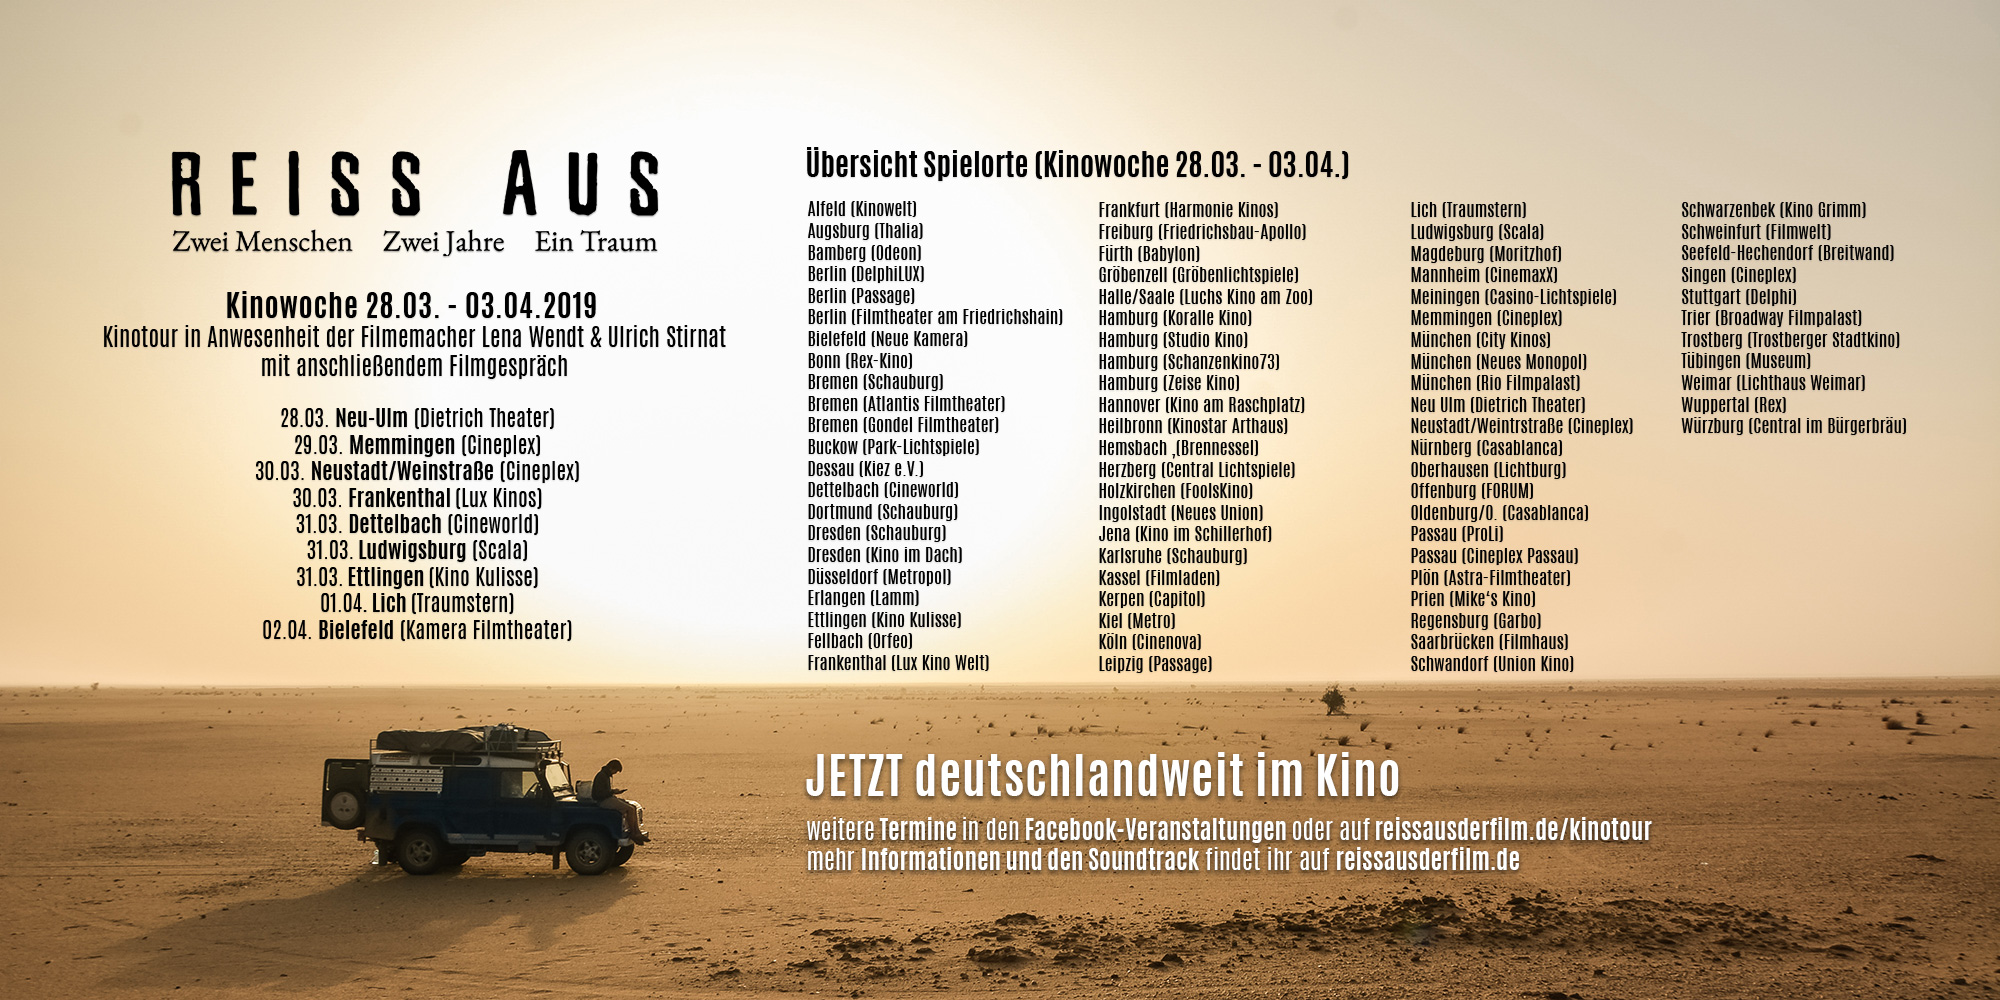 REISS AUS Spielorte Kinowoche 3 (28.03. - 03.04.)